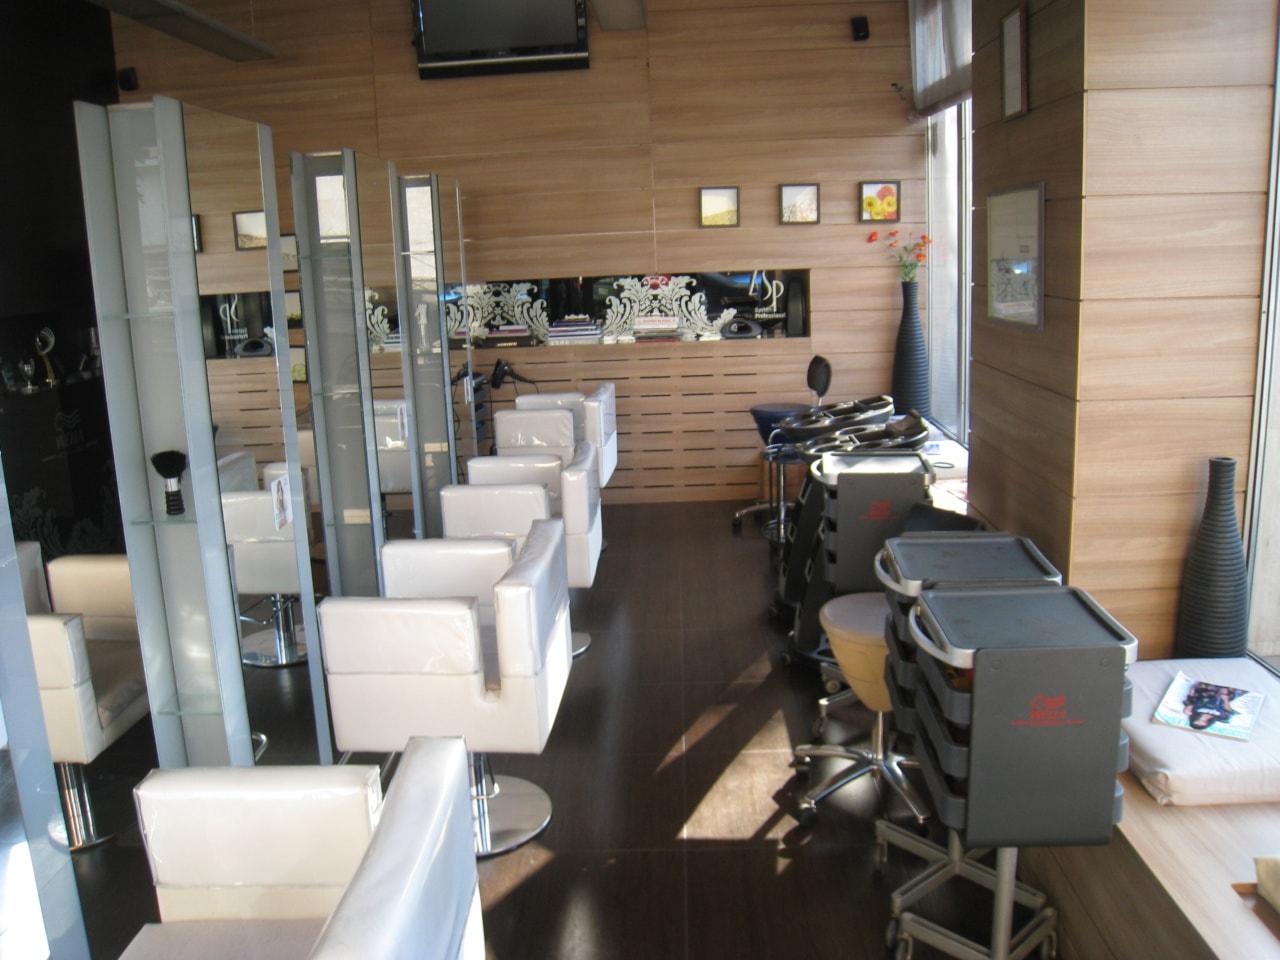 Salon Blondi interior7-min